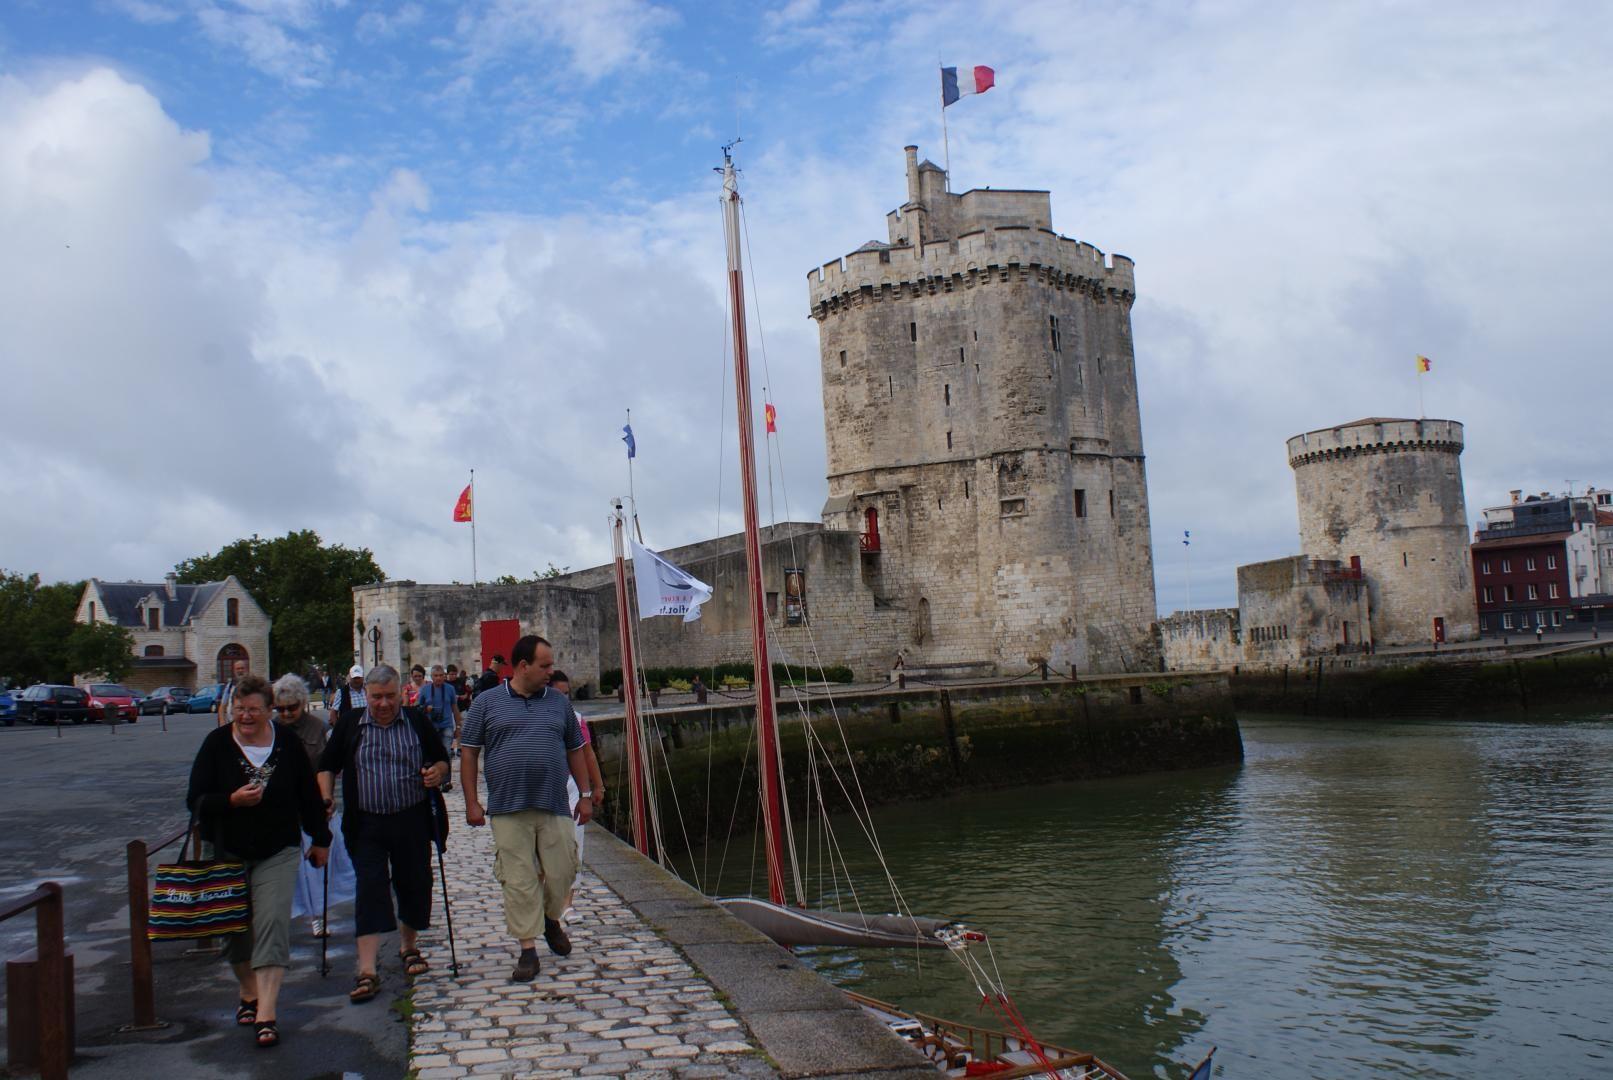 Les celebres tours de la Rochelle